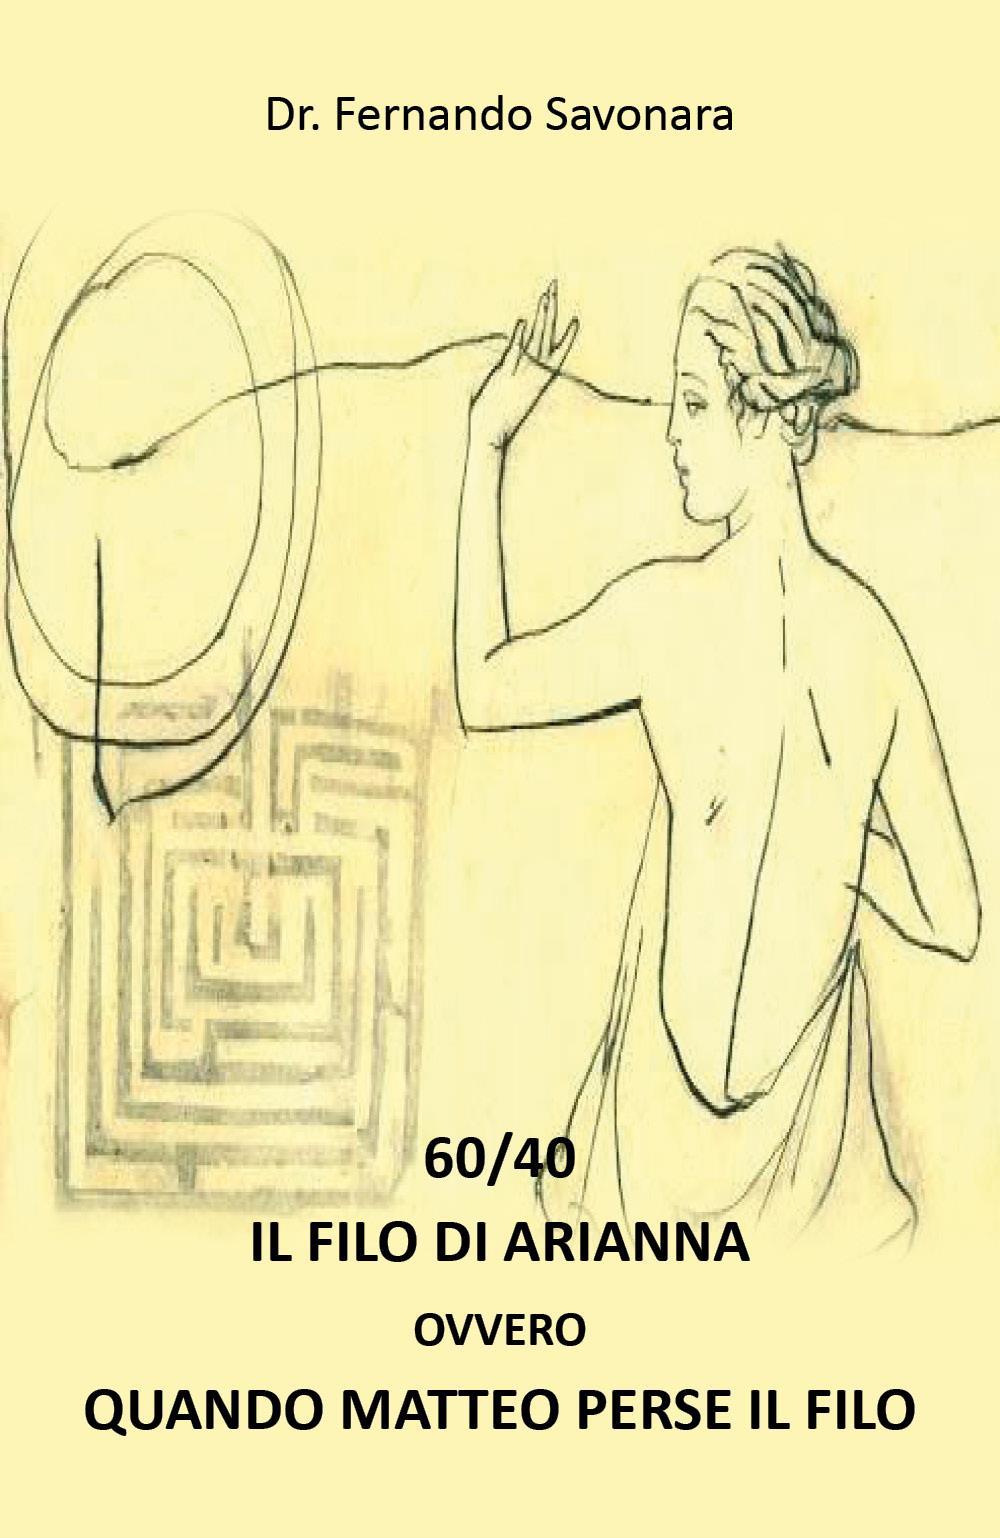 60/40 IL FILO DI ARIANNA ovvero QUANDO MATTEO HA PERSO IL FILO